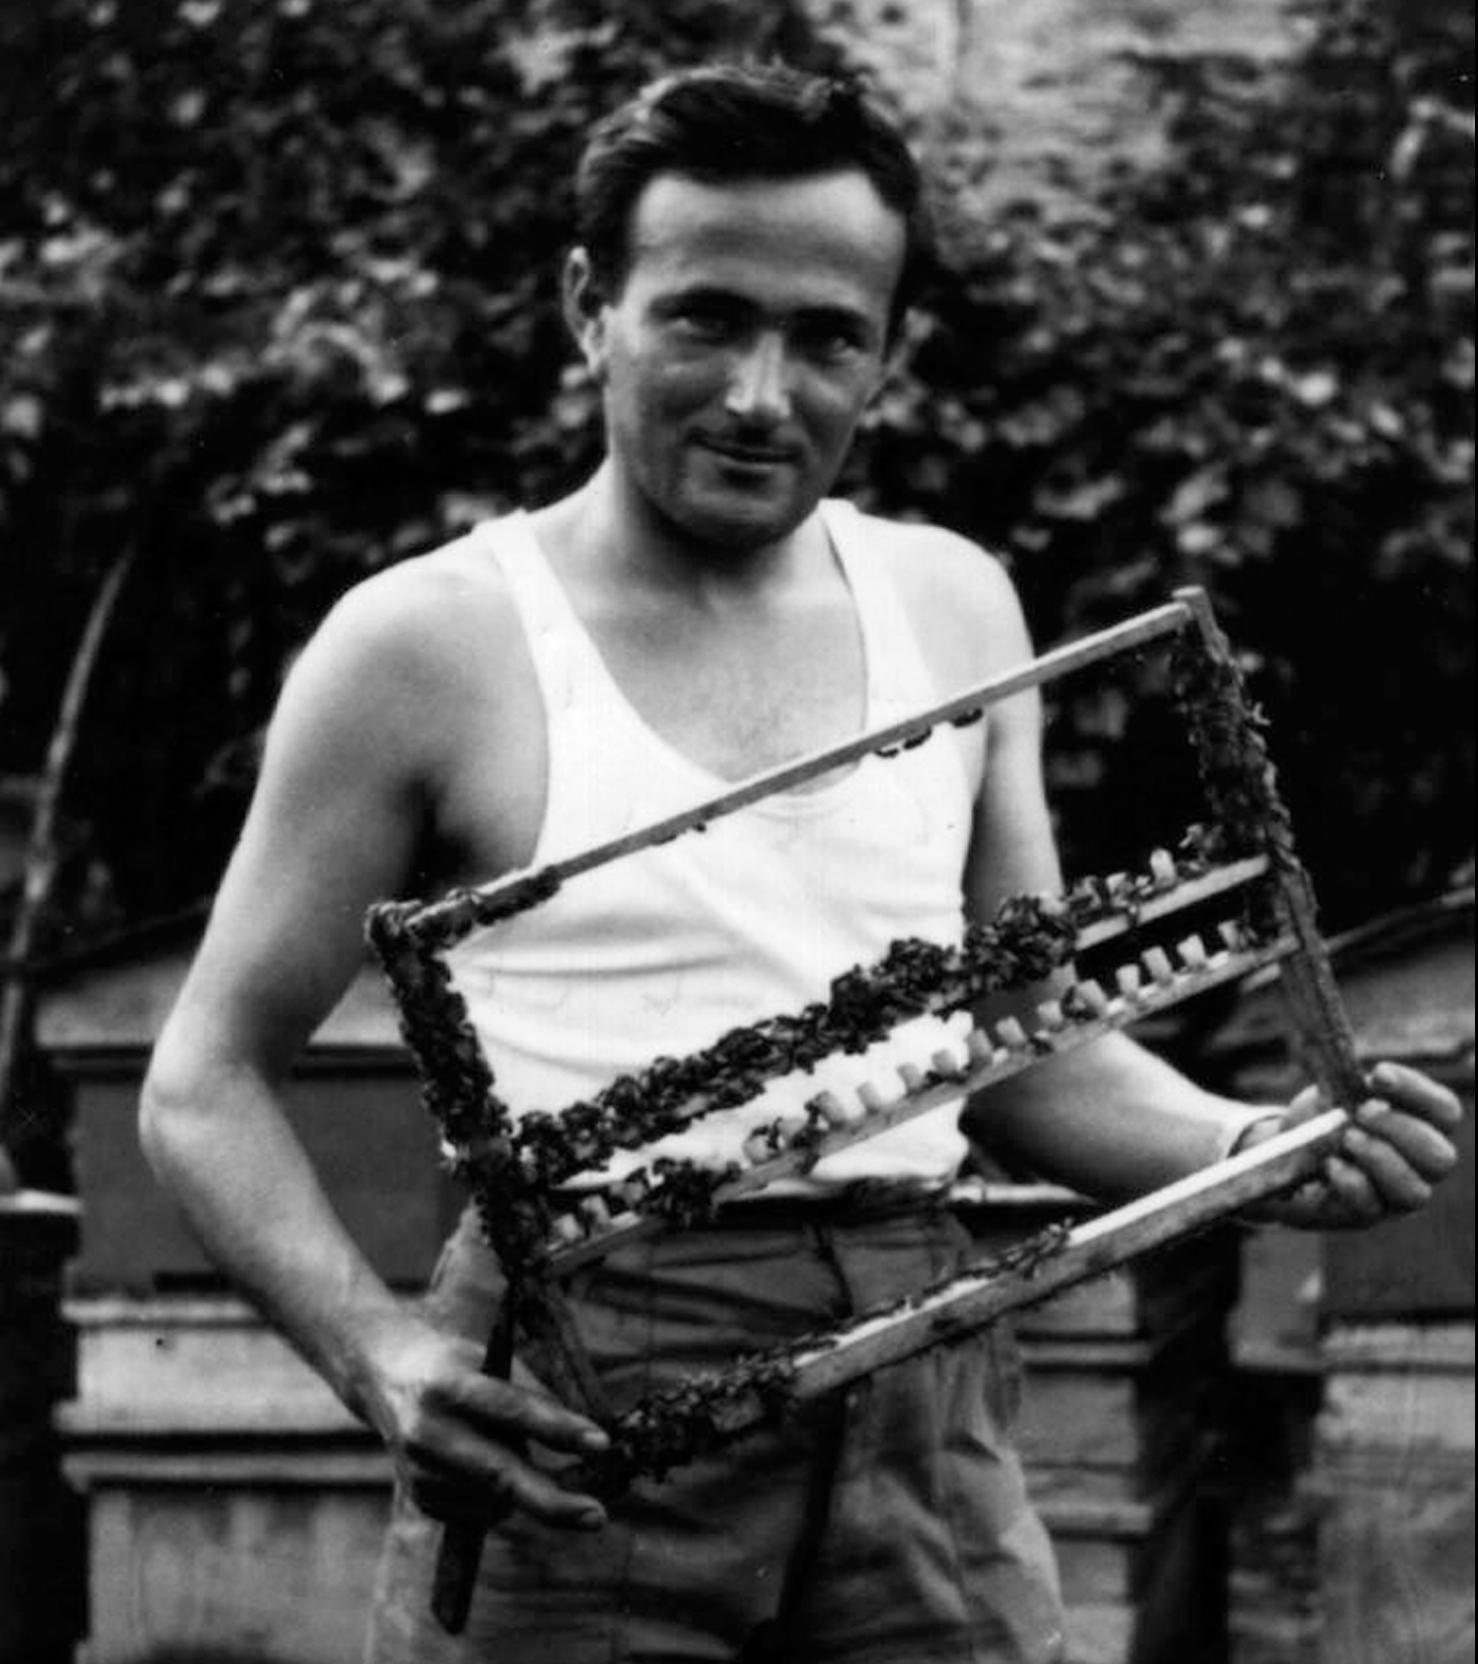 Bruno Ansaloni – Apicultore – con telaio api